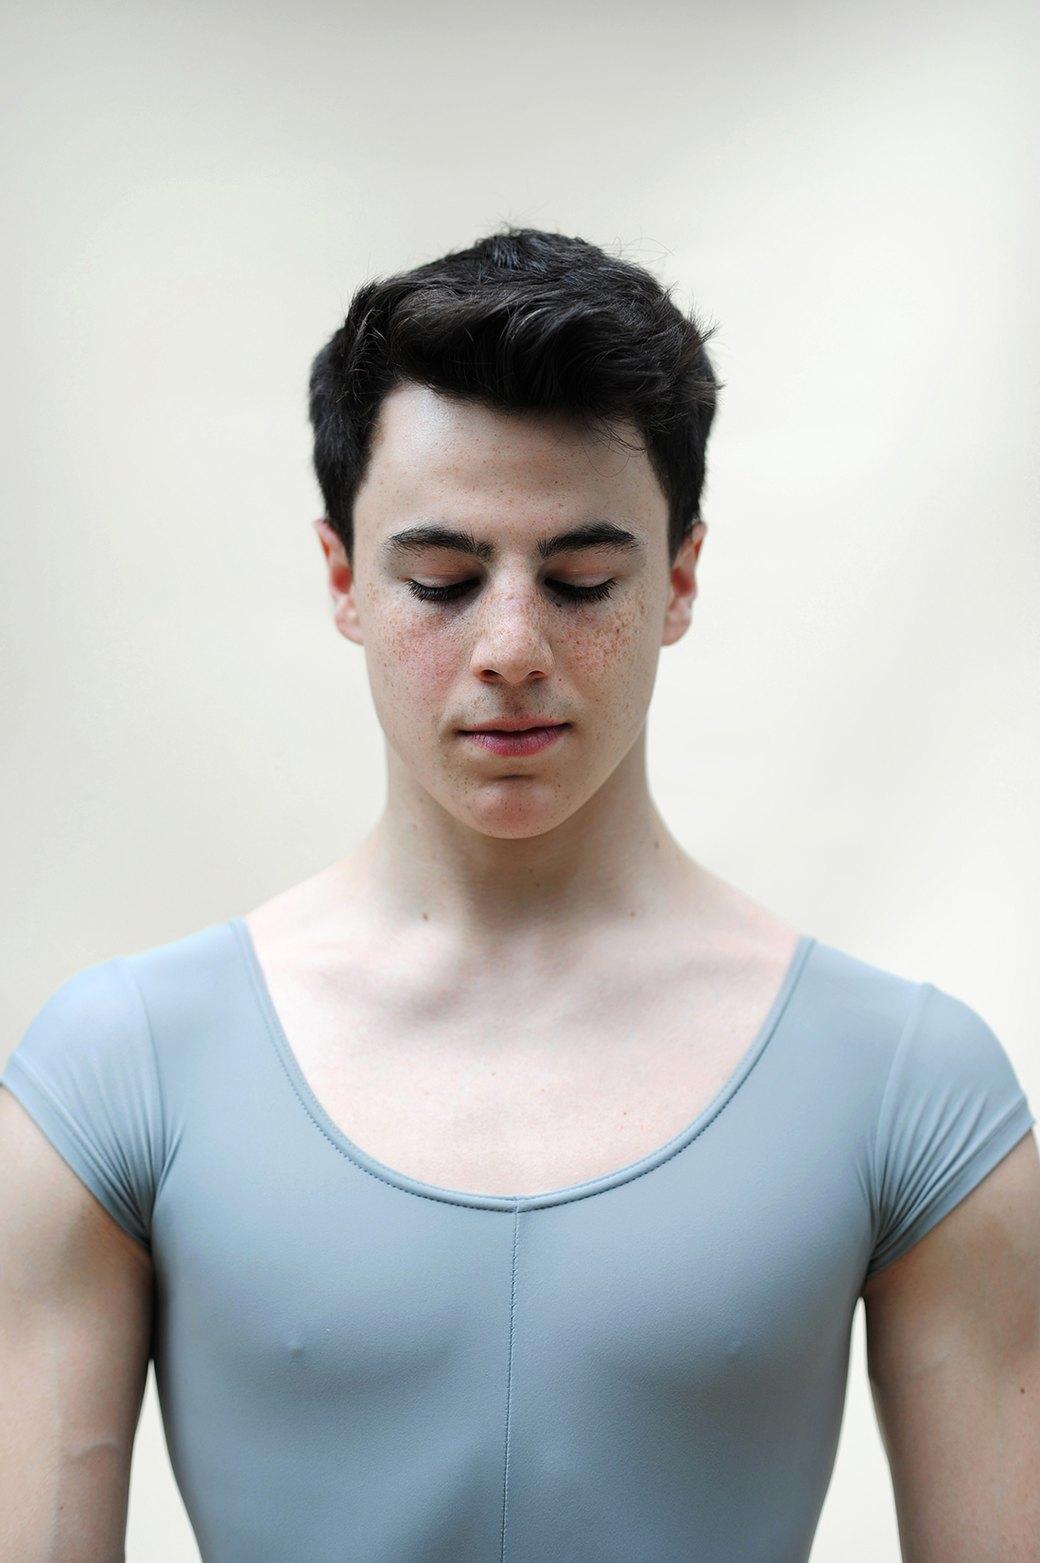 «Первая позиция»:  Юные танцовщики на прослушивании. Изображение № 8.